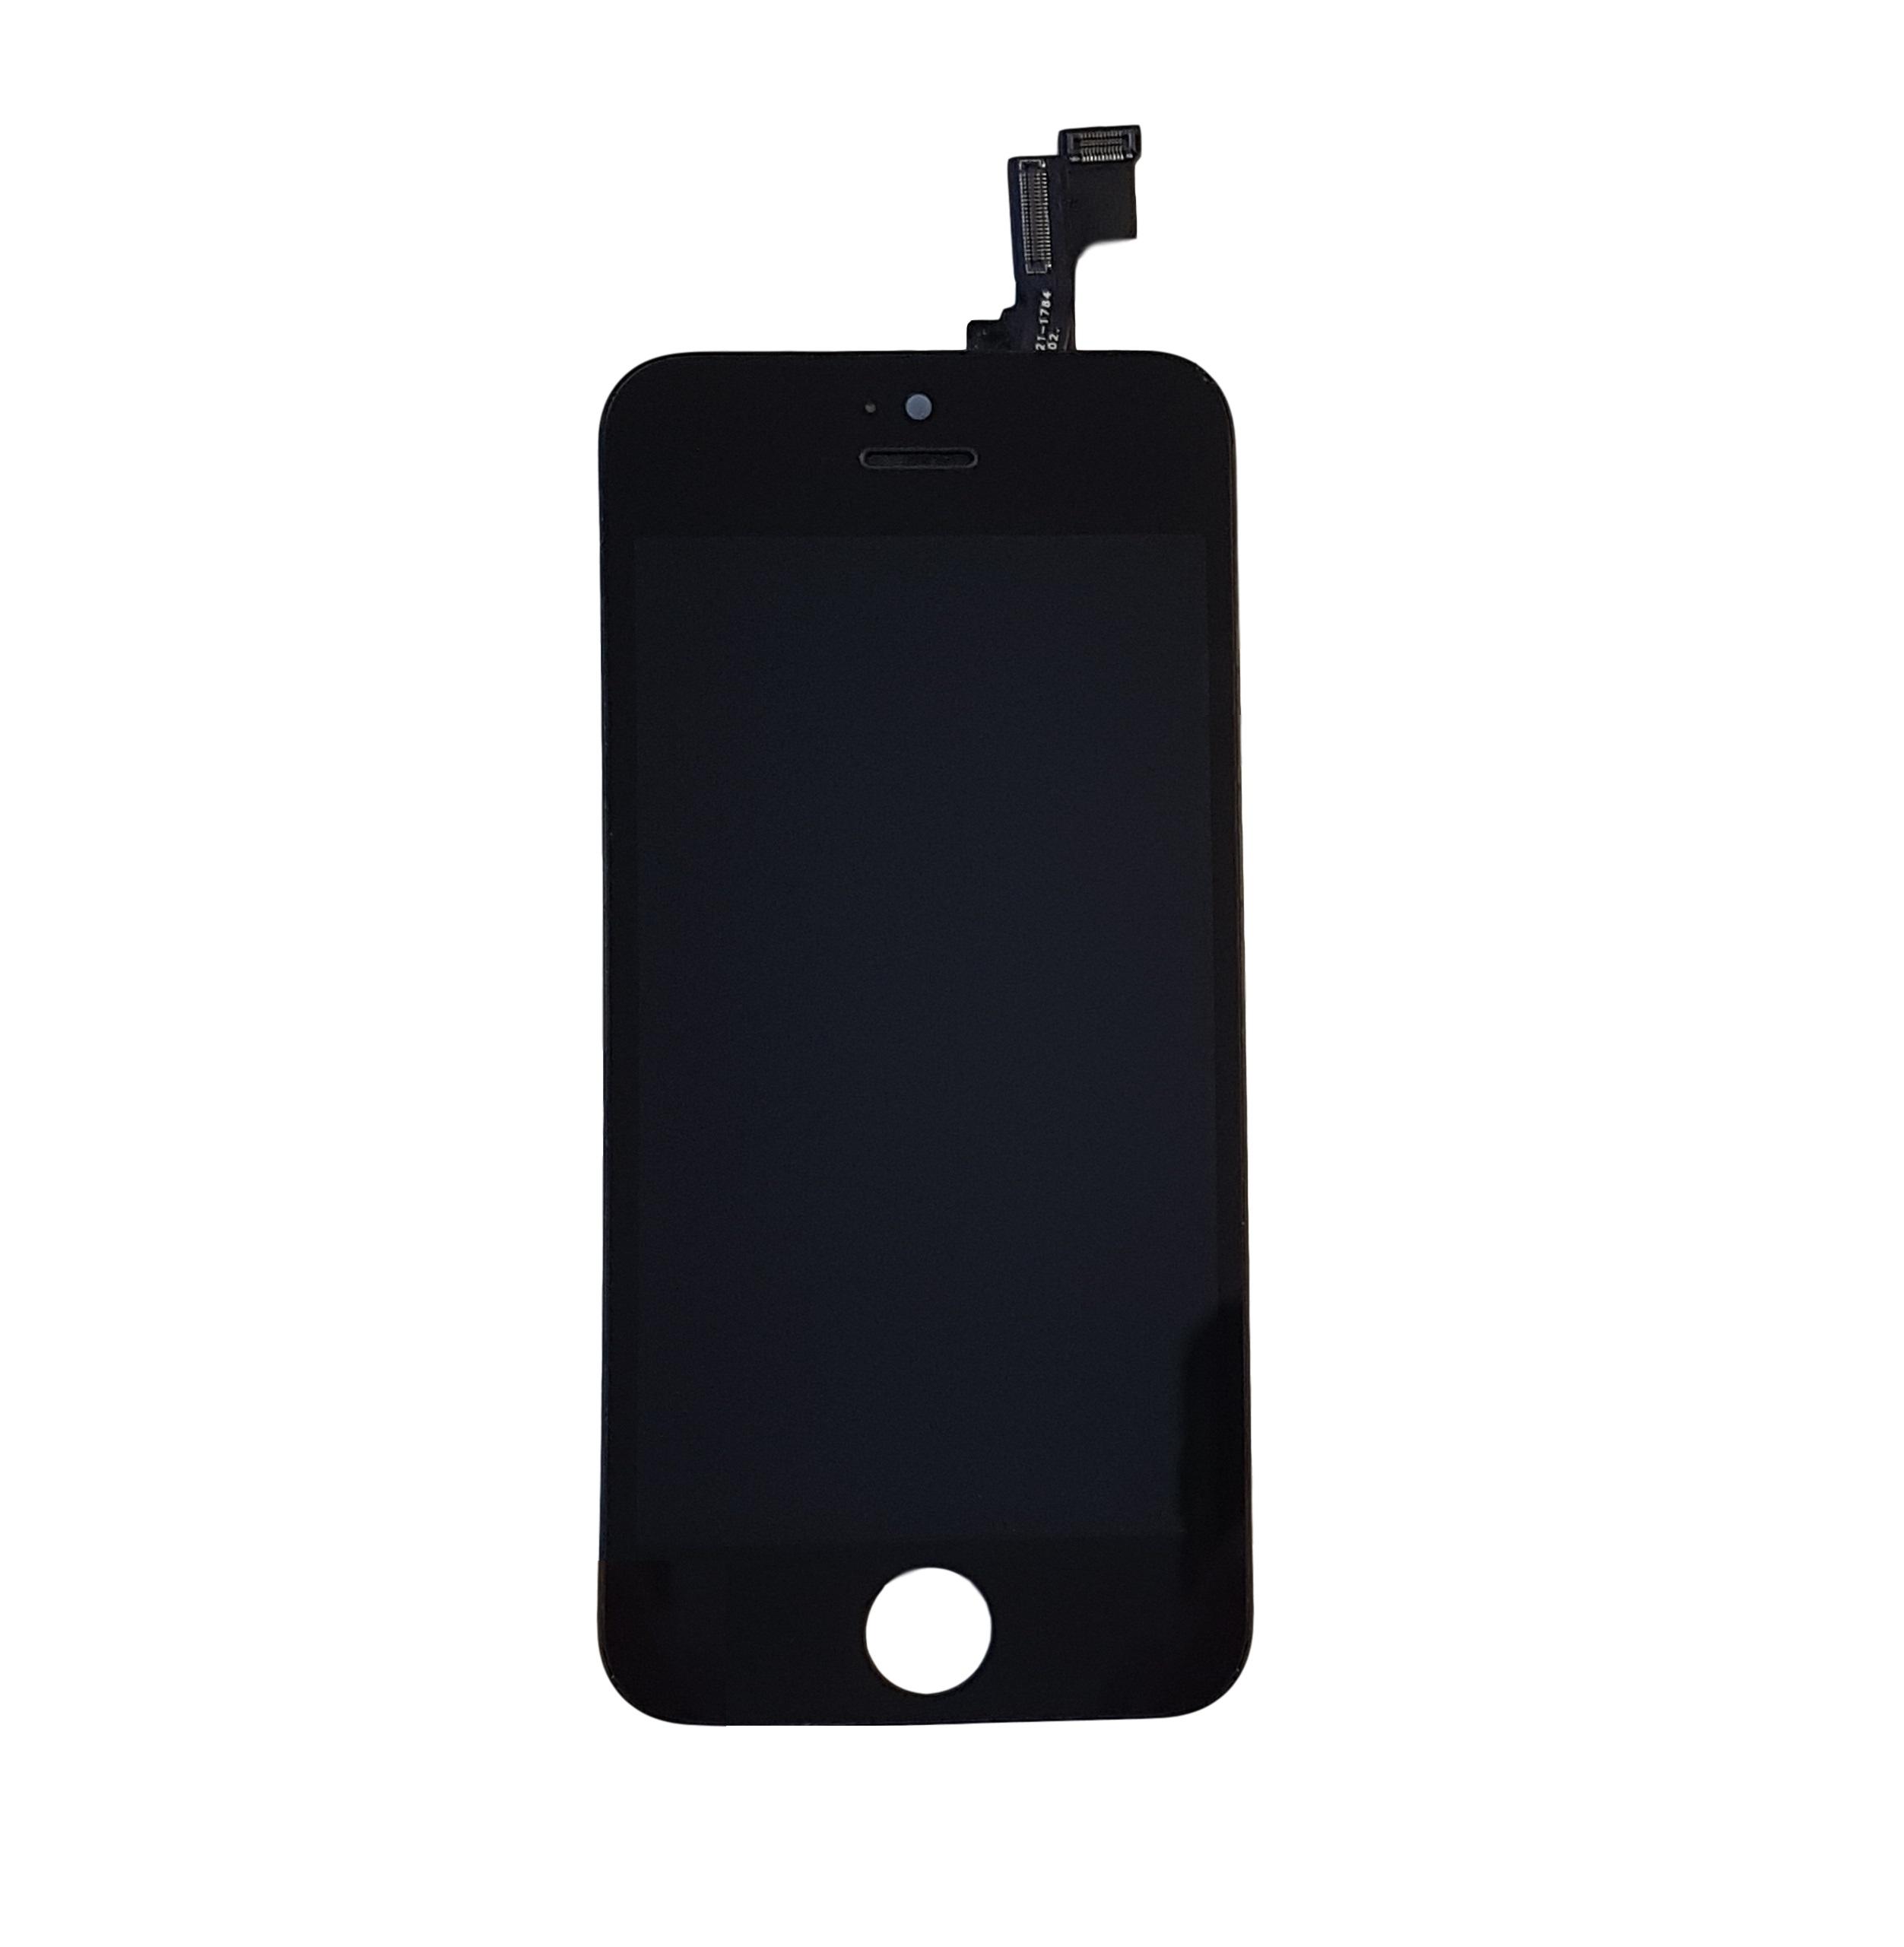 qualité supérieure mode la plus désirable vraie affaire Display LCD rigenerato per iPhone SE Nero